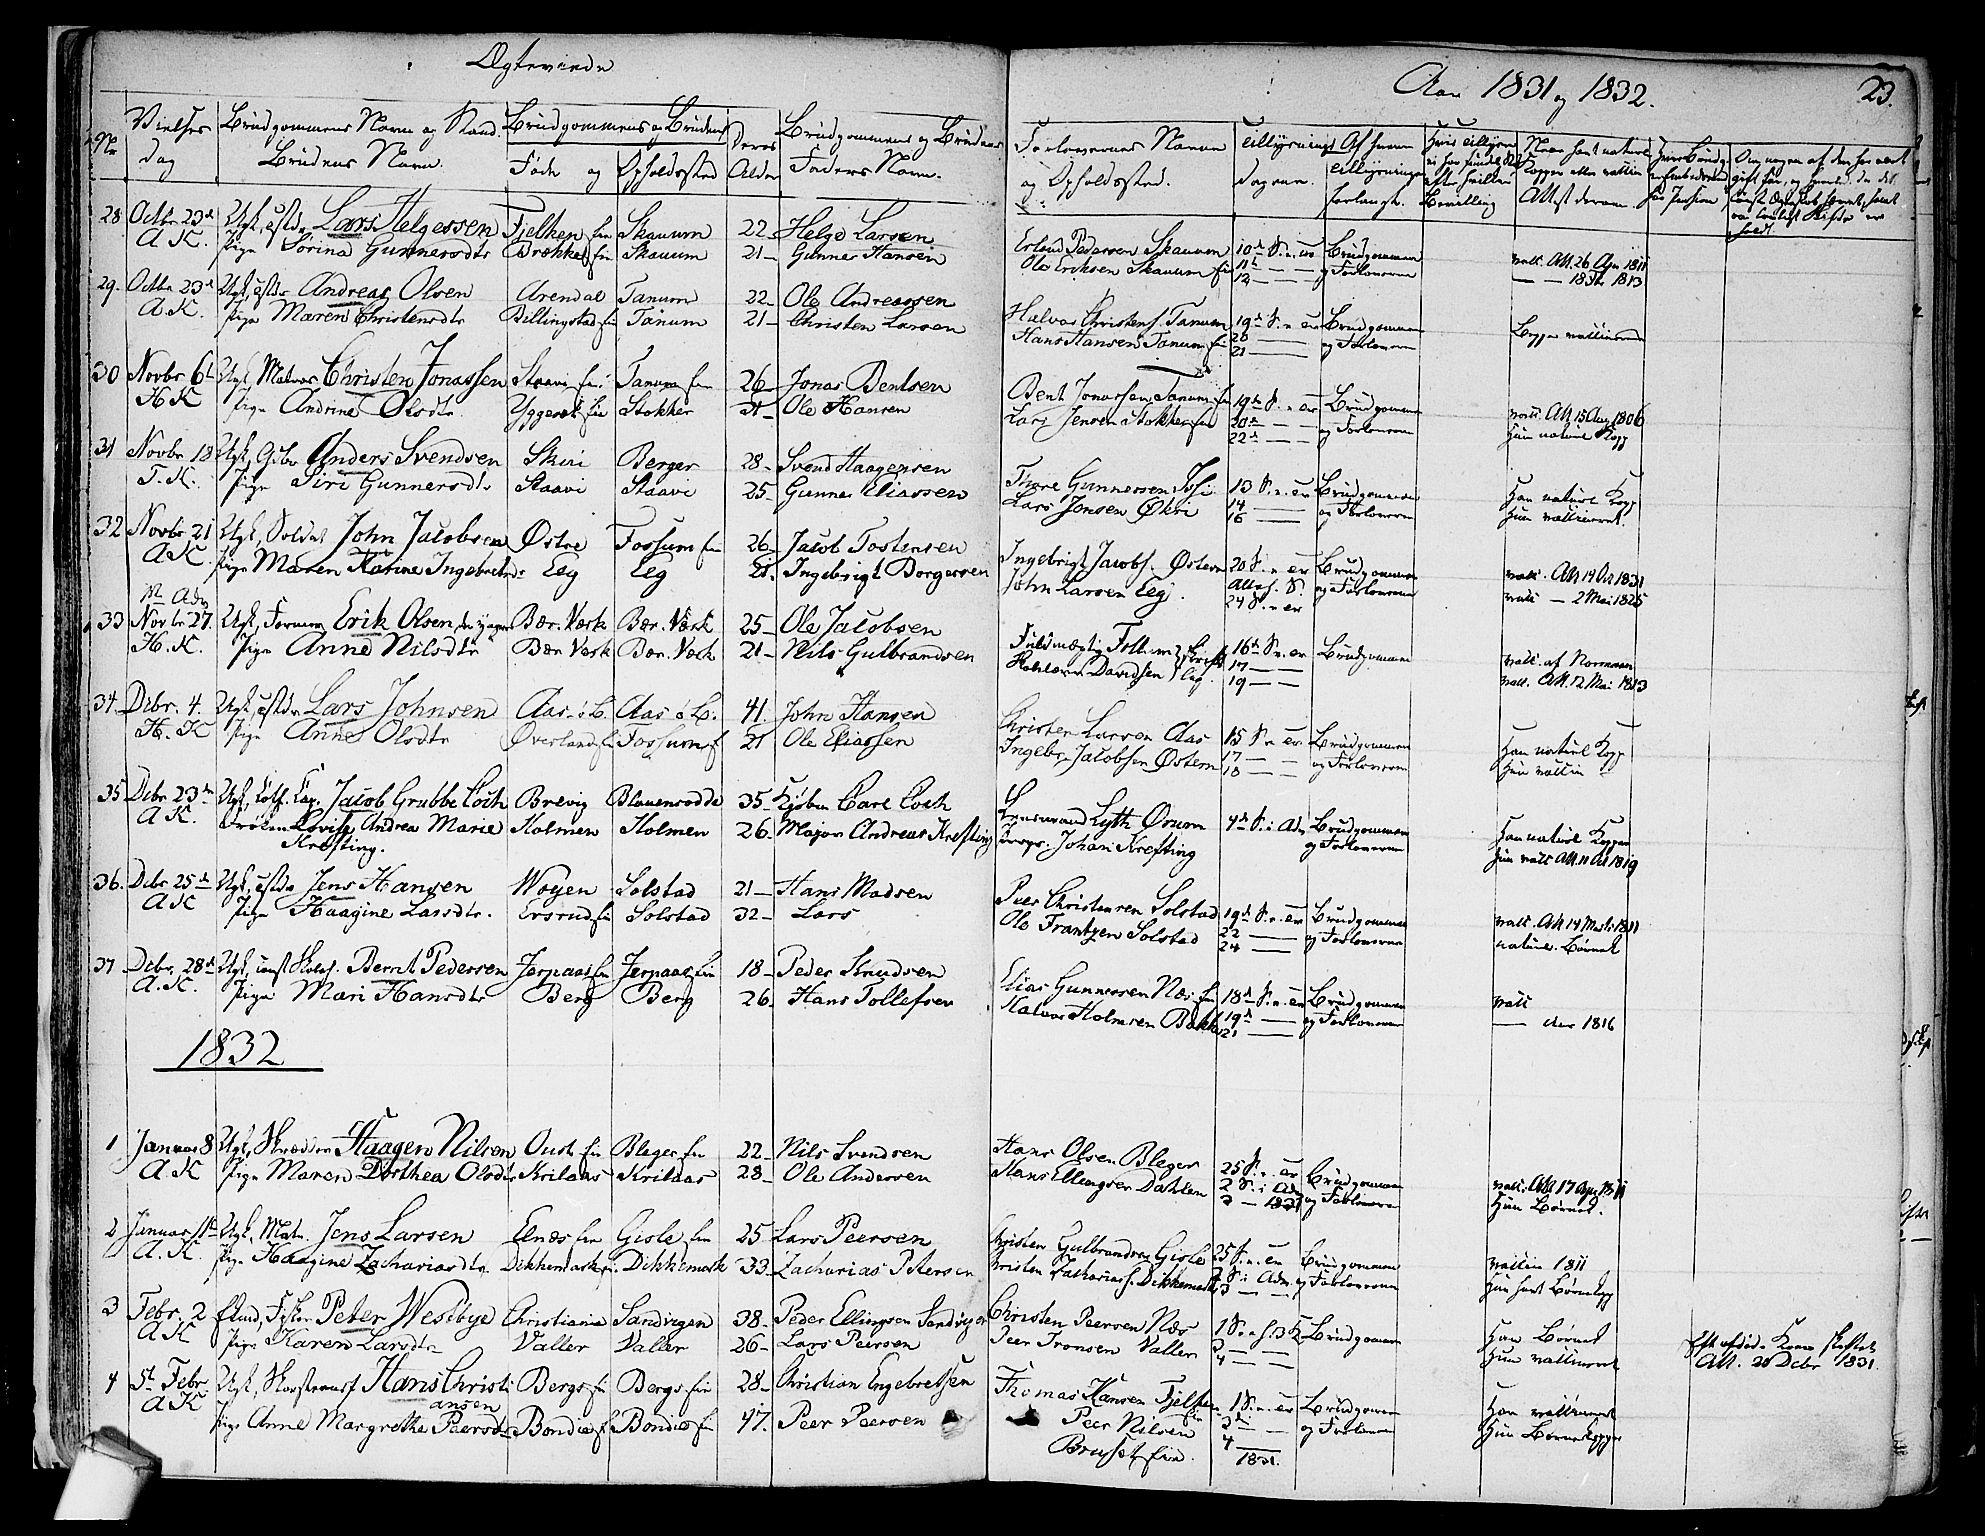 SAO, Asker prestekontor Kirkebøker, F/Fa/L0010: Ministerialbok nr. I 10, 1825-1878, s. 23